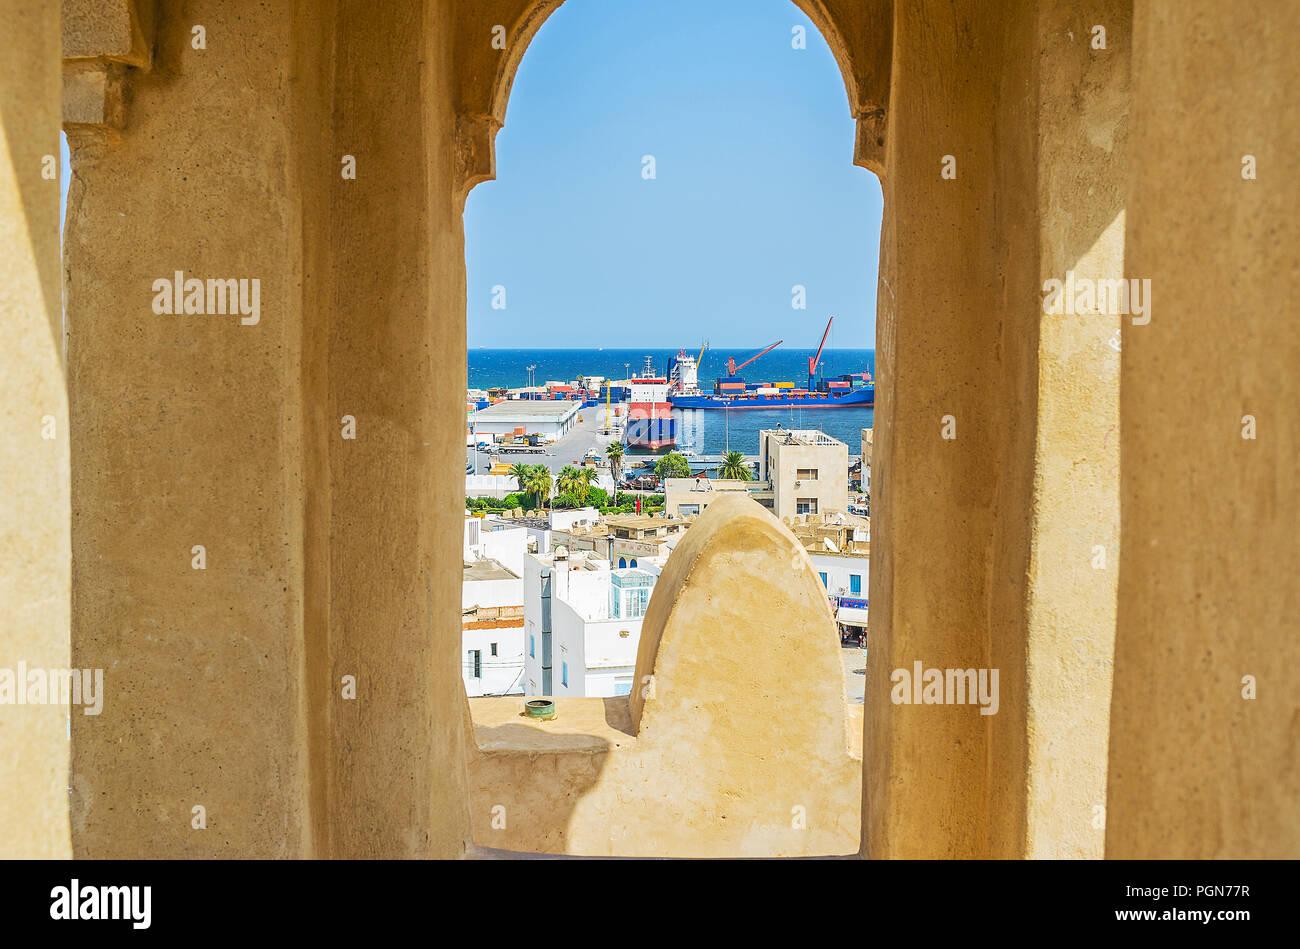 La piccola finestra nella torre della fortezza Ribat si affaccia sui tetti della Medina e porto industriale, Sousse, Tunisia. Immagini Stock